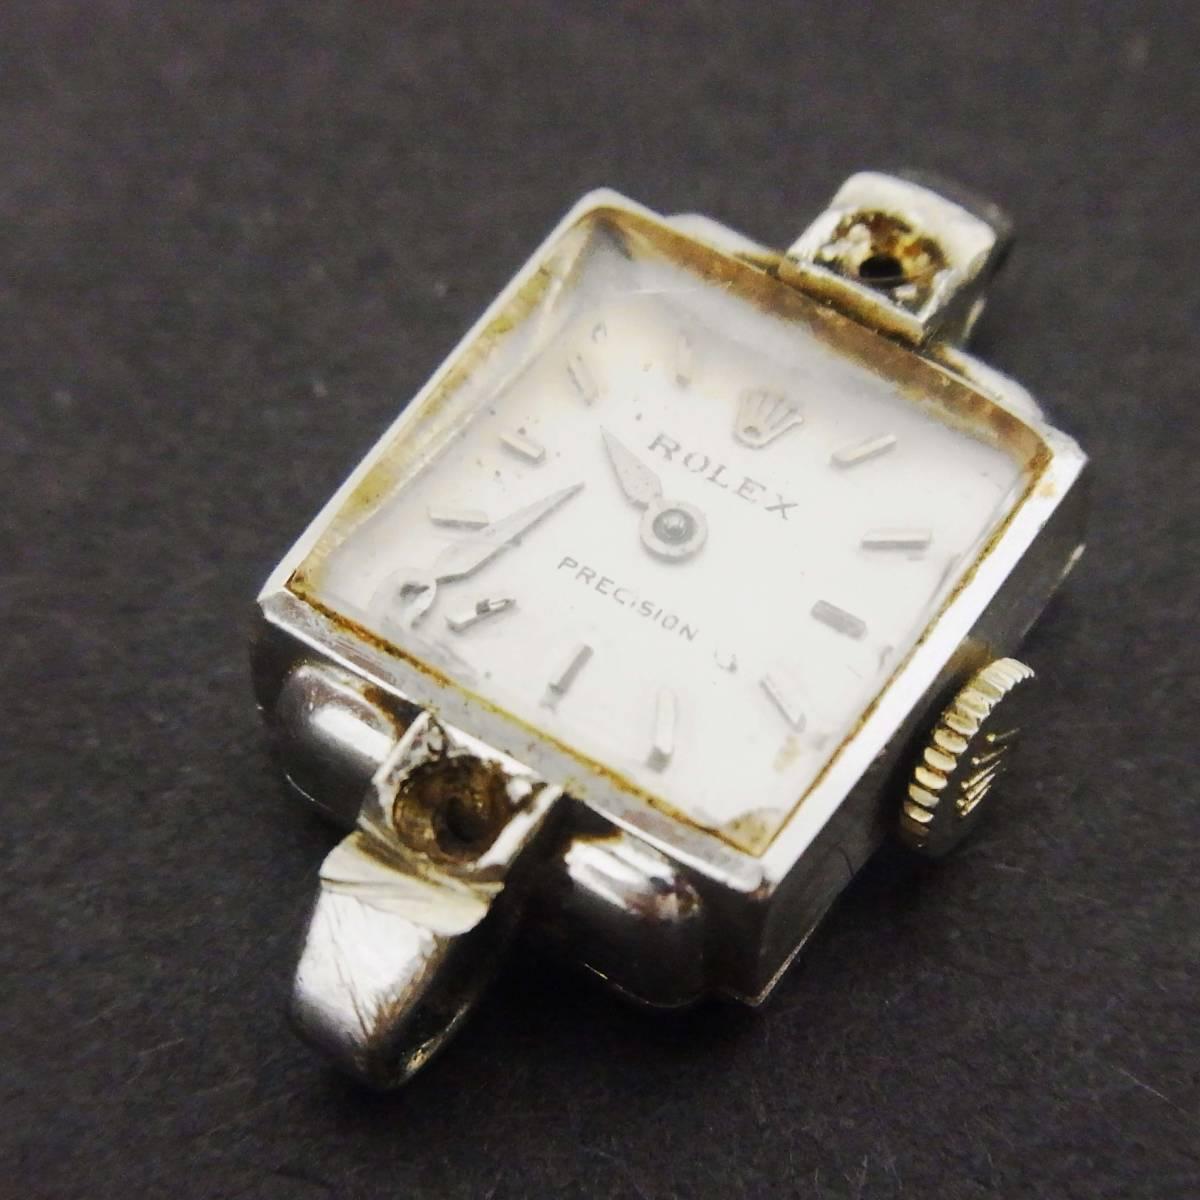 ★ジャンク★ROLEX PRECISION★ロレックス プレジション★レディース手巻き腕時計★18K/750/17石★_画像1